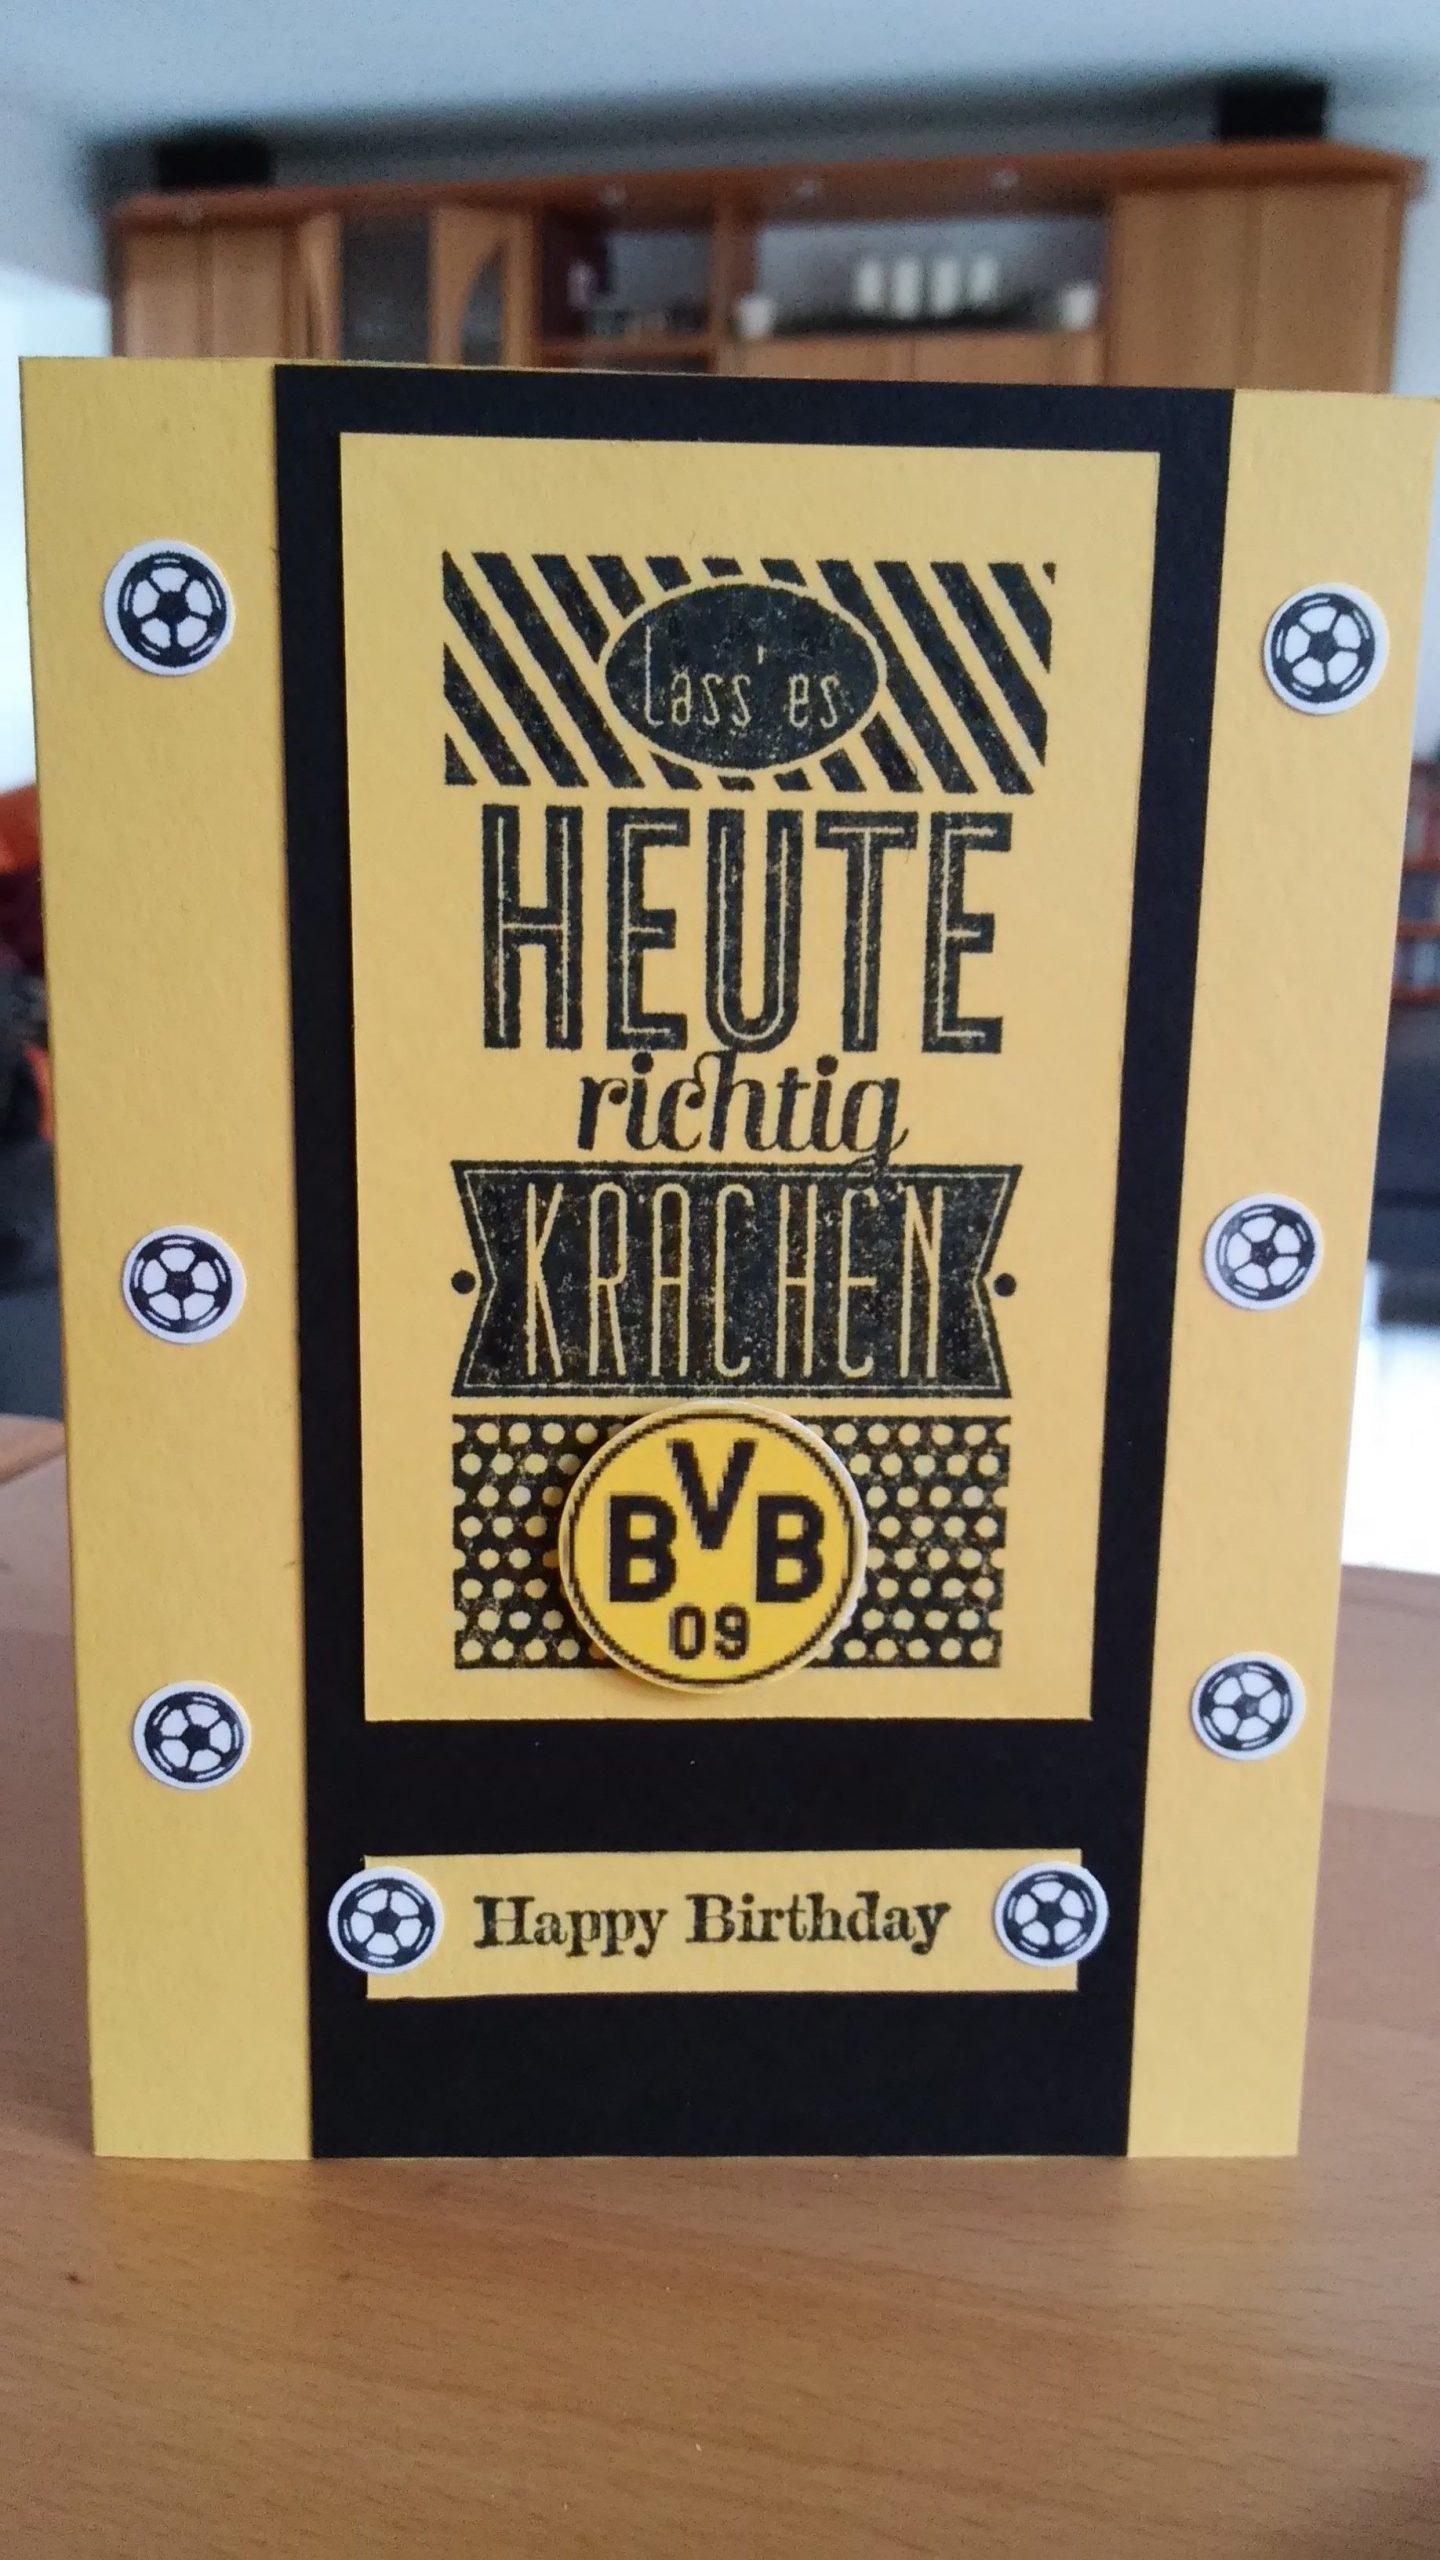 Bvb 09 Fan Geburtstagskarte (Mit Bildern ganzes Bvb Geburtstagskarte